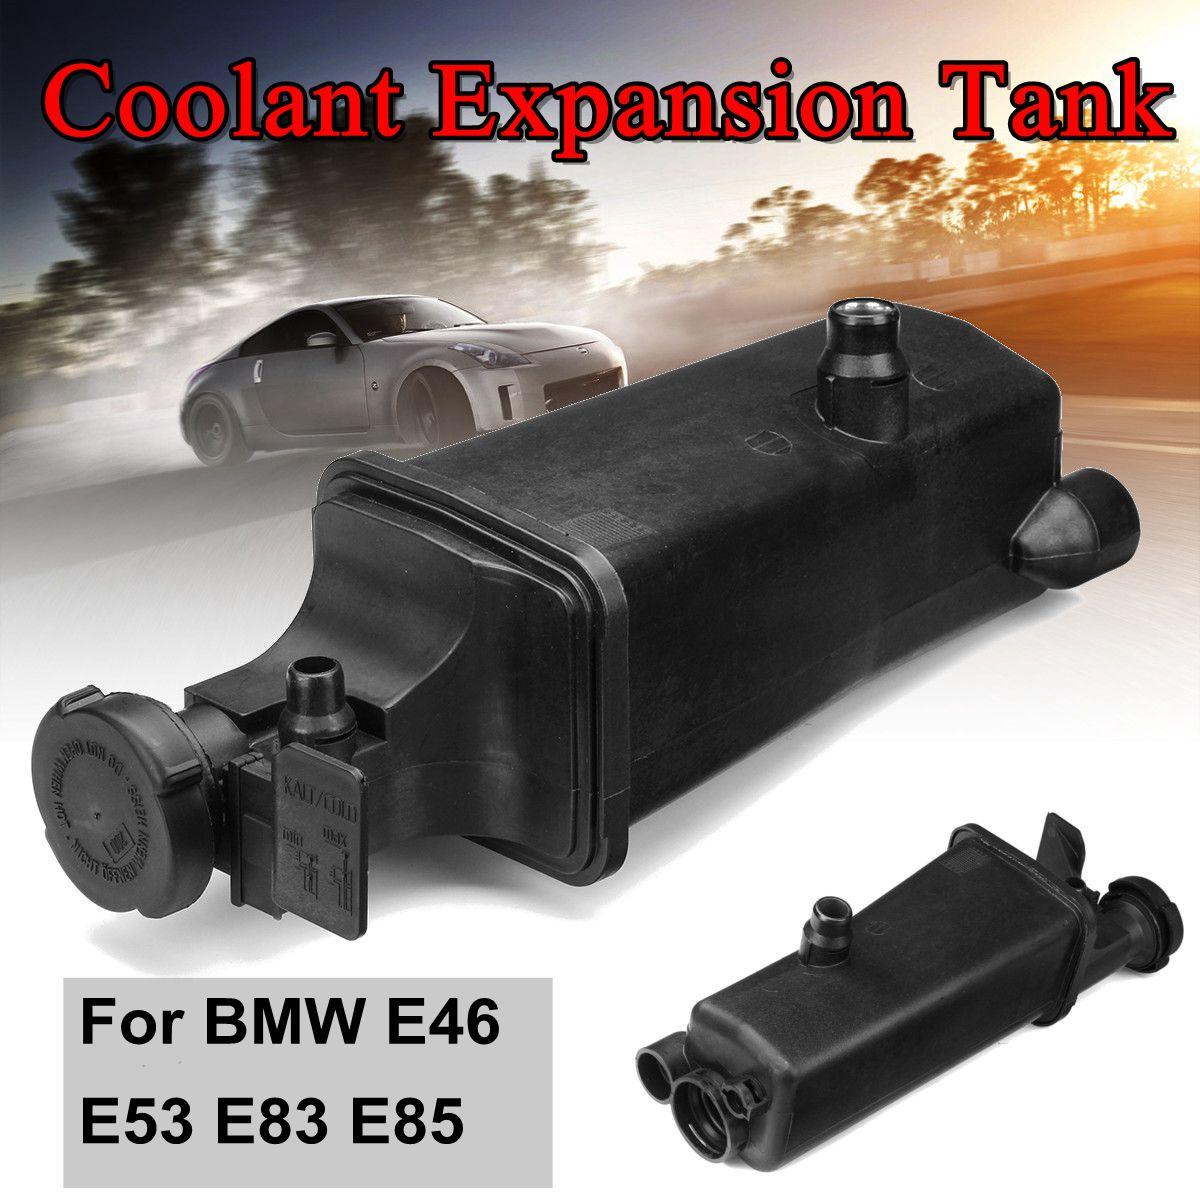 Auto Radiador Transbordamento Do Tanque de Expansão Do Líquido de Arrefecimento com Cap 17117573781 Para BMW E46 E53 E83 E85